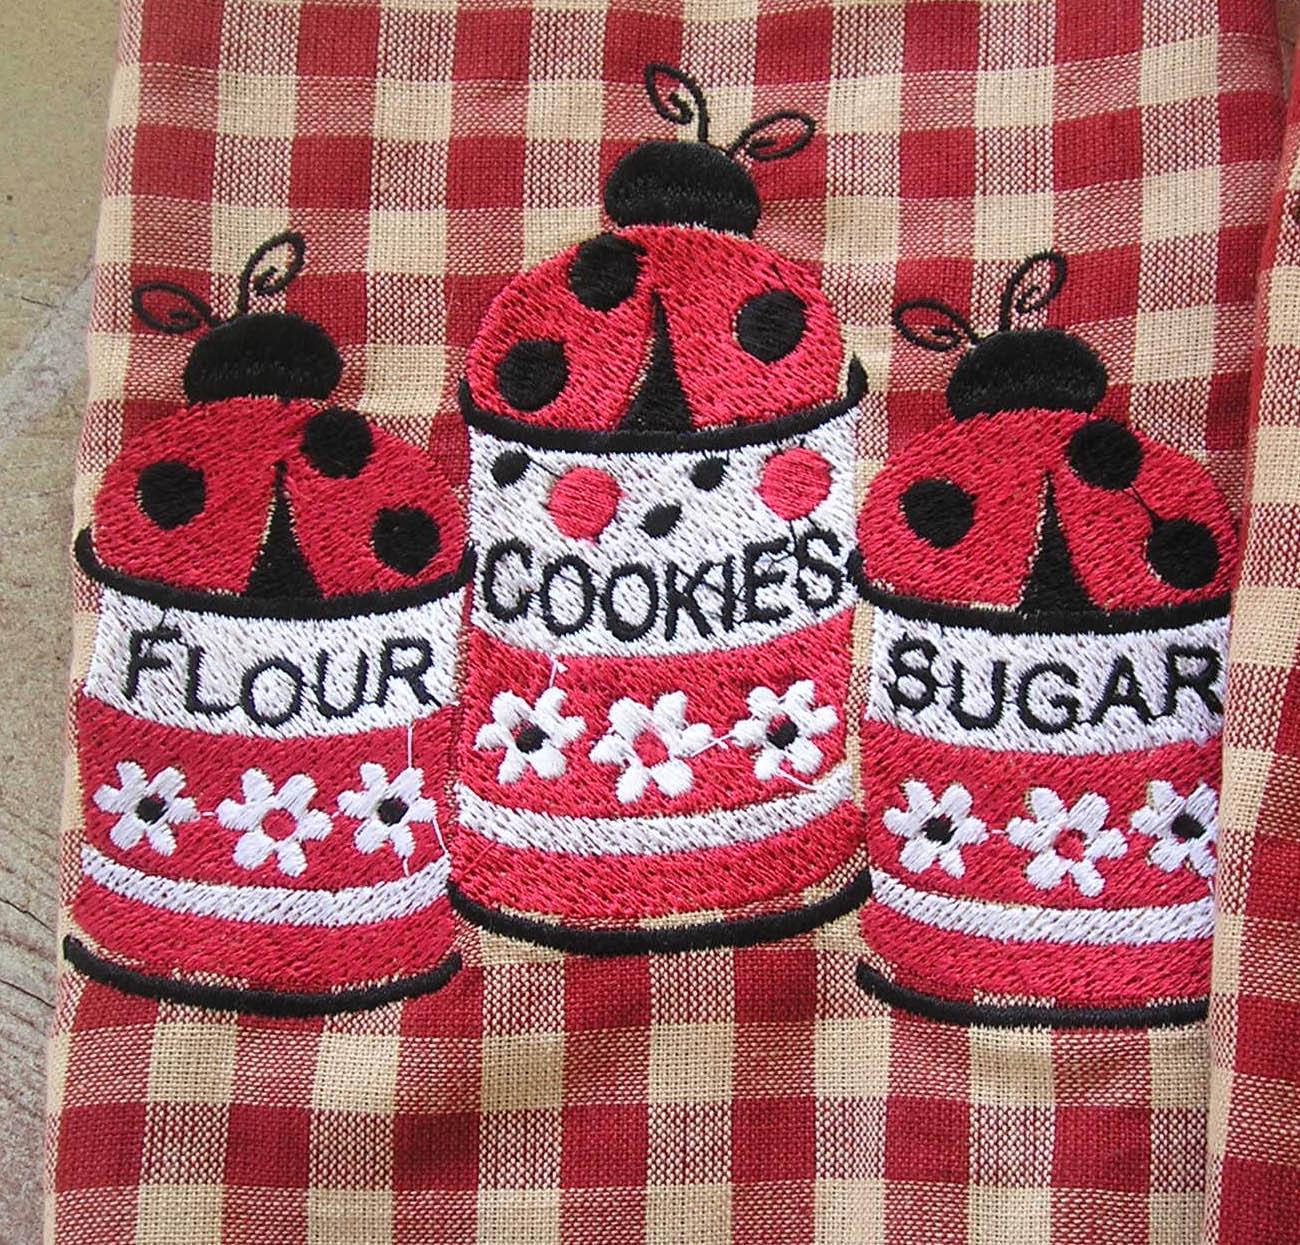 Name:  Embroidered Ladybug Tea Towel Set2.jpg Views: 635 Size:  442.6 KB